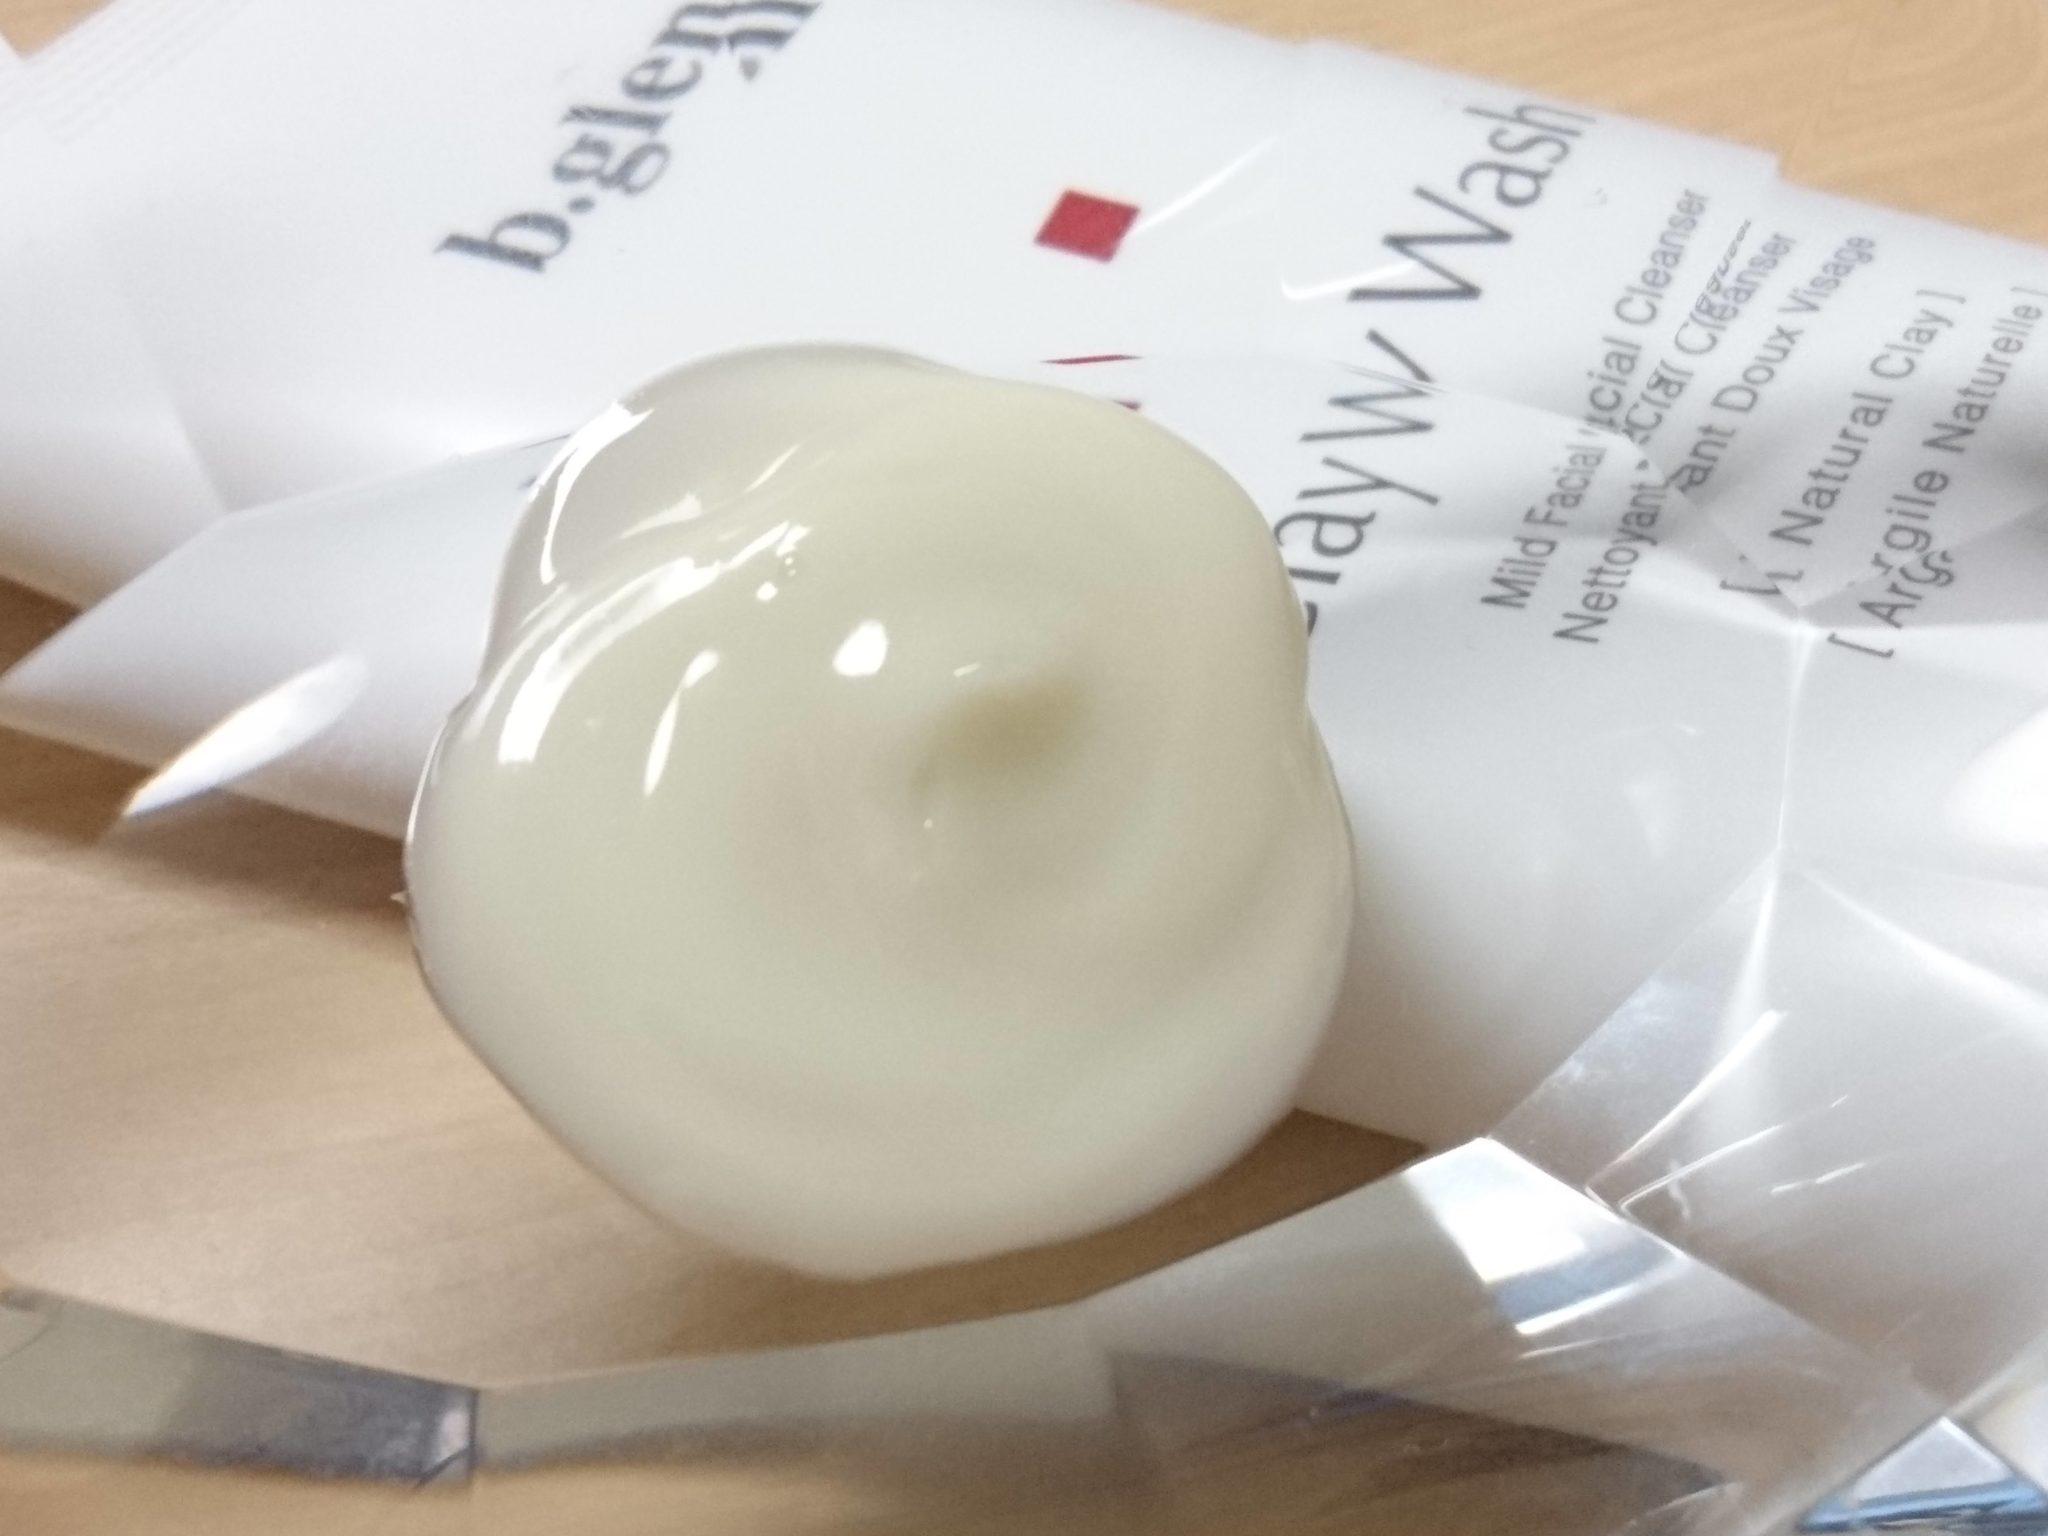 ビーグレンクレイウォッシュは、柔らかいクリームのようなテクスチャー